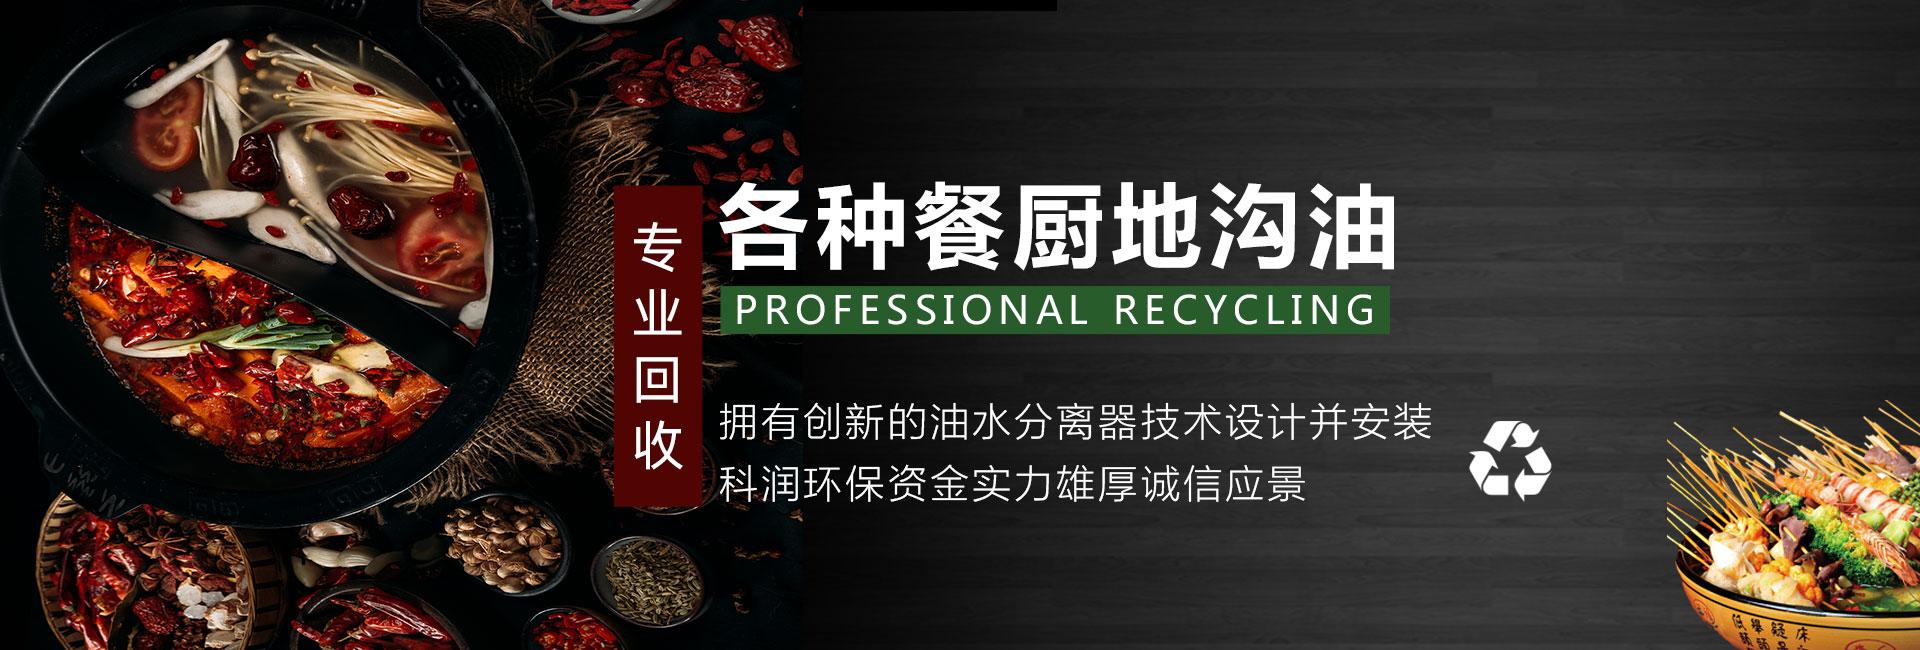 餐厨废油回收